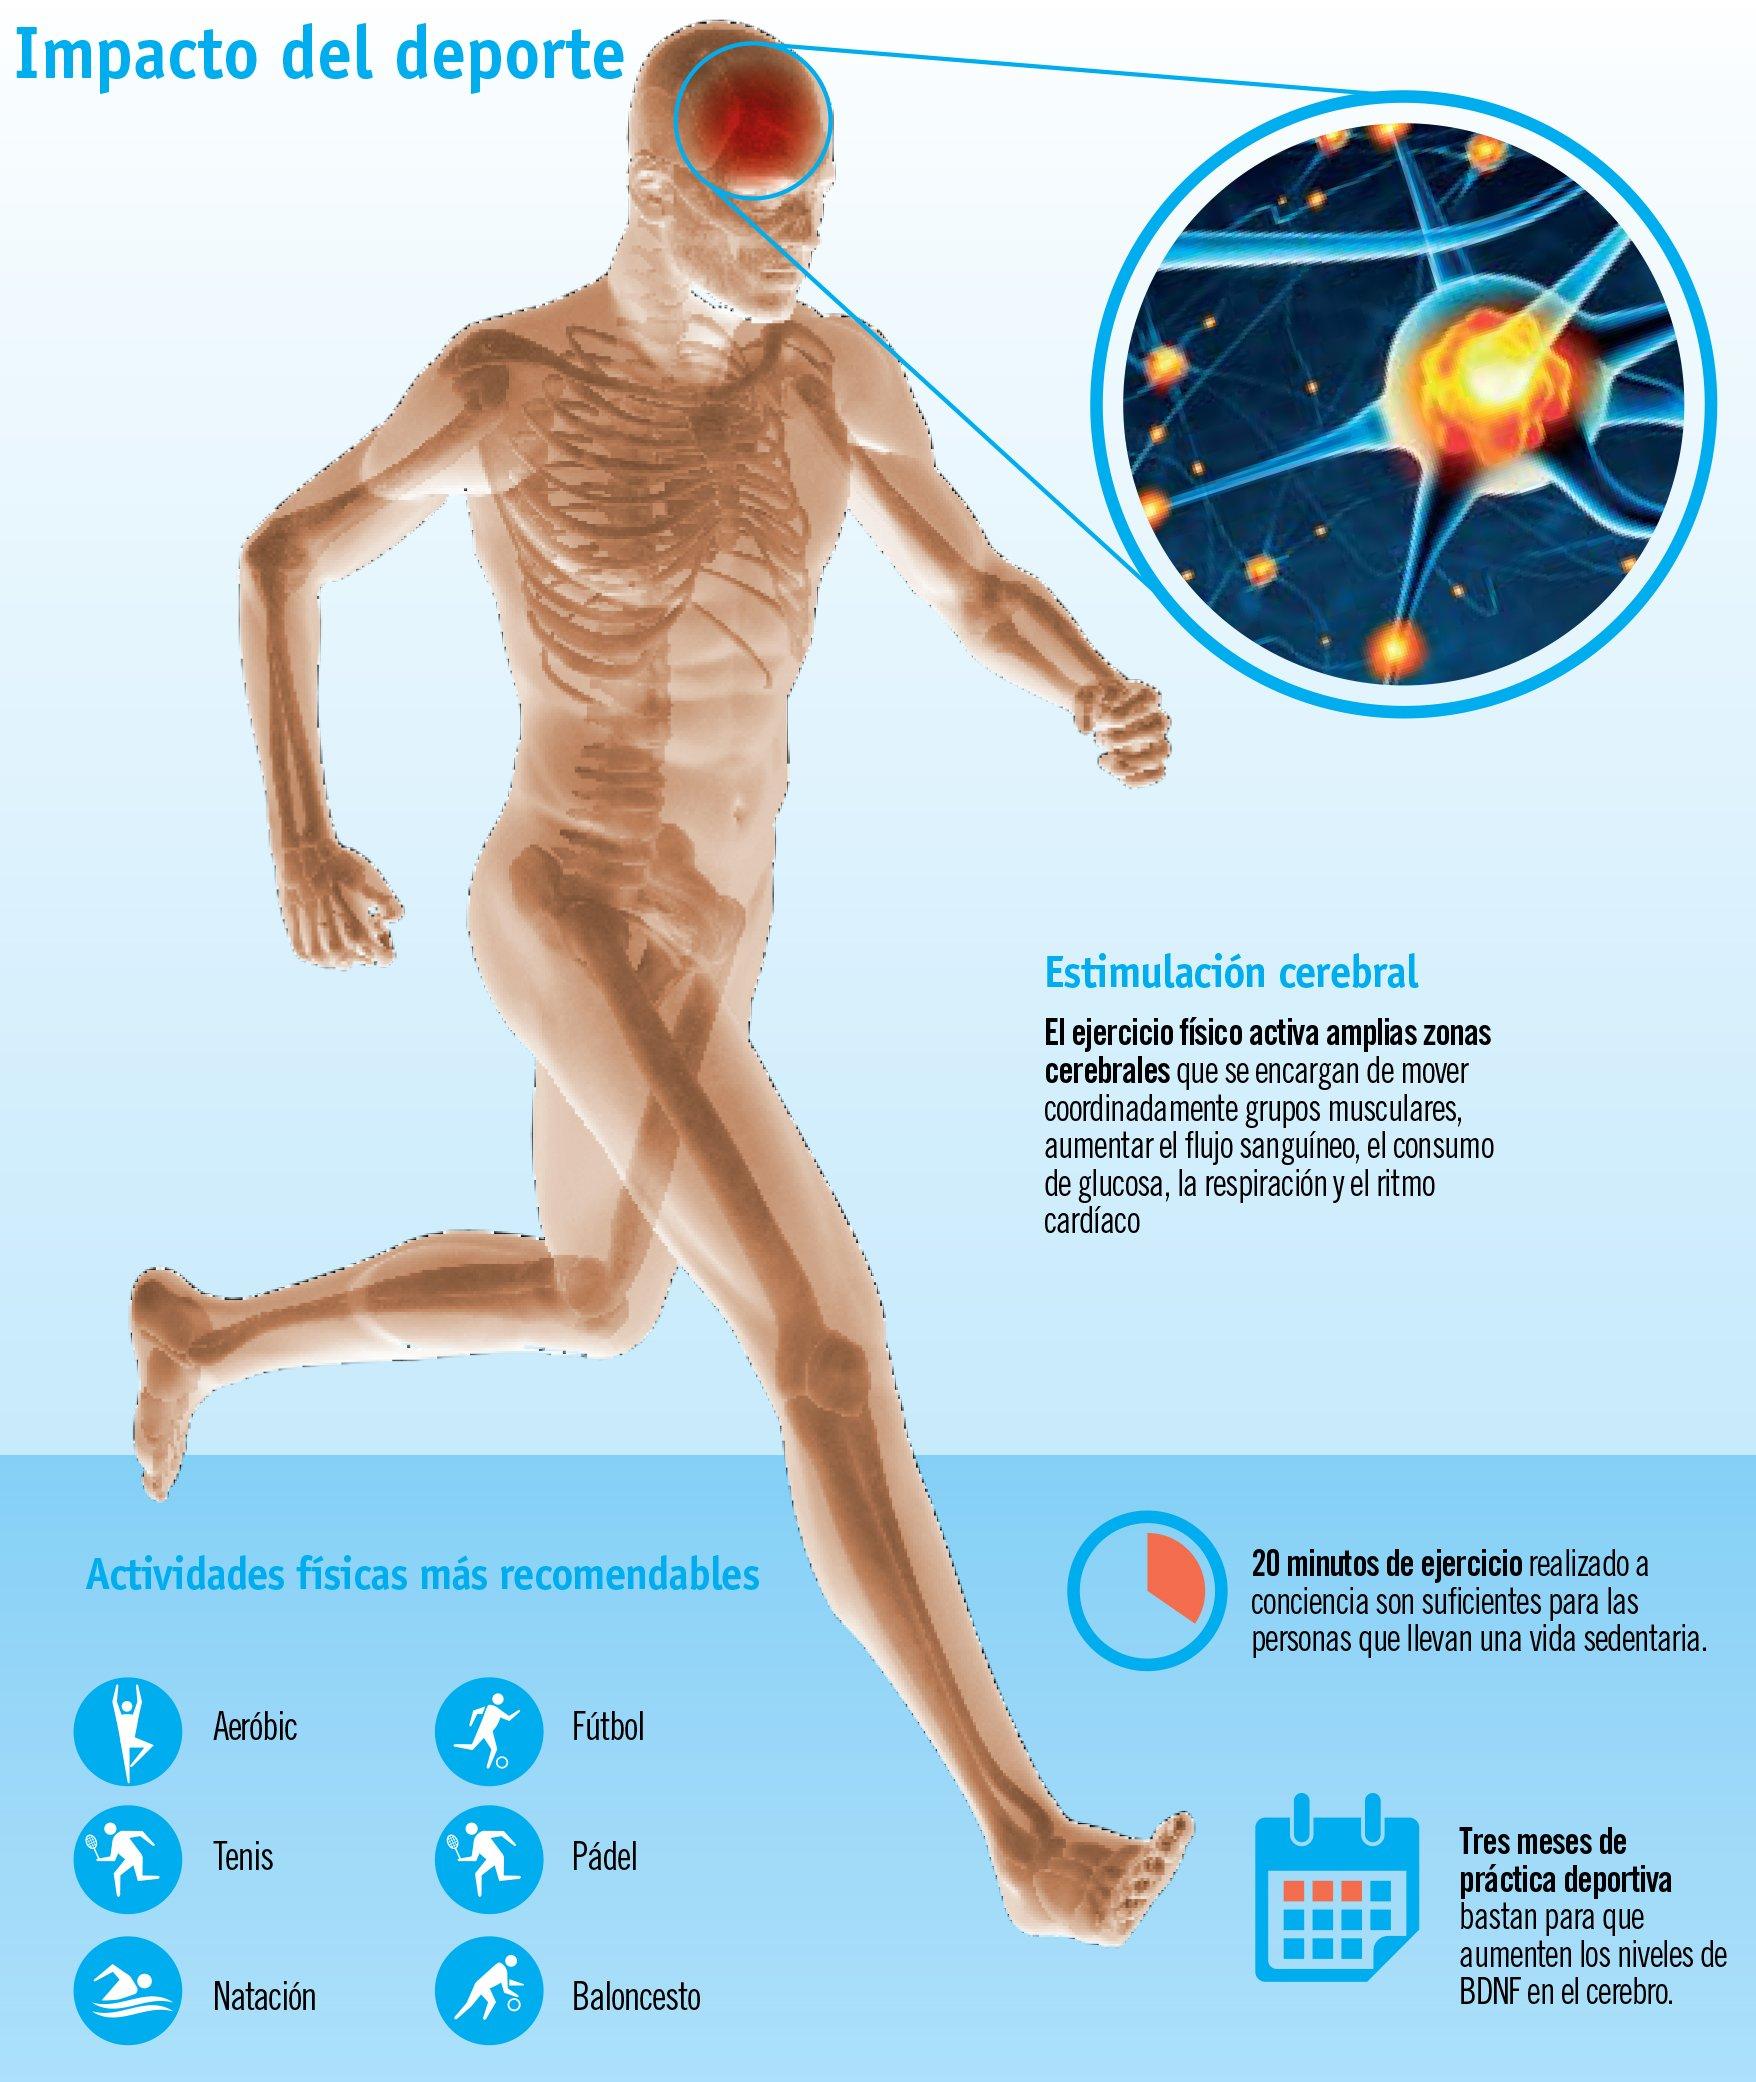 El ejercicio físico también pone en forma al cerebro